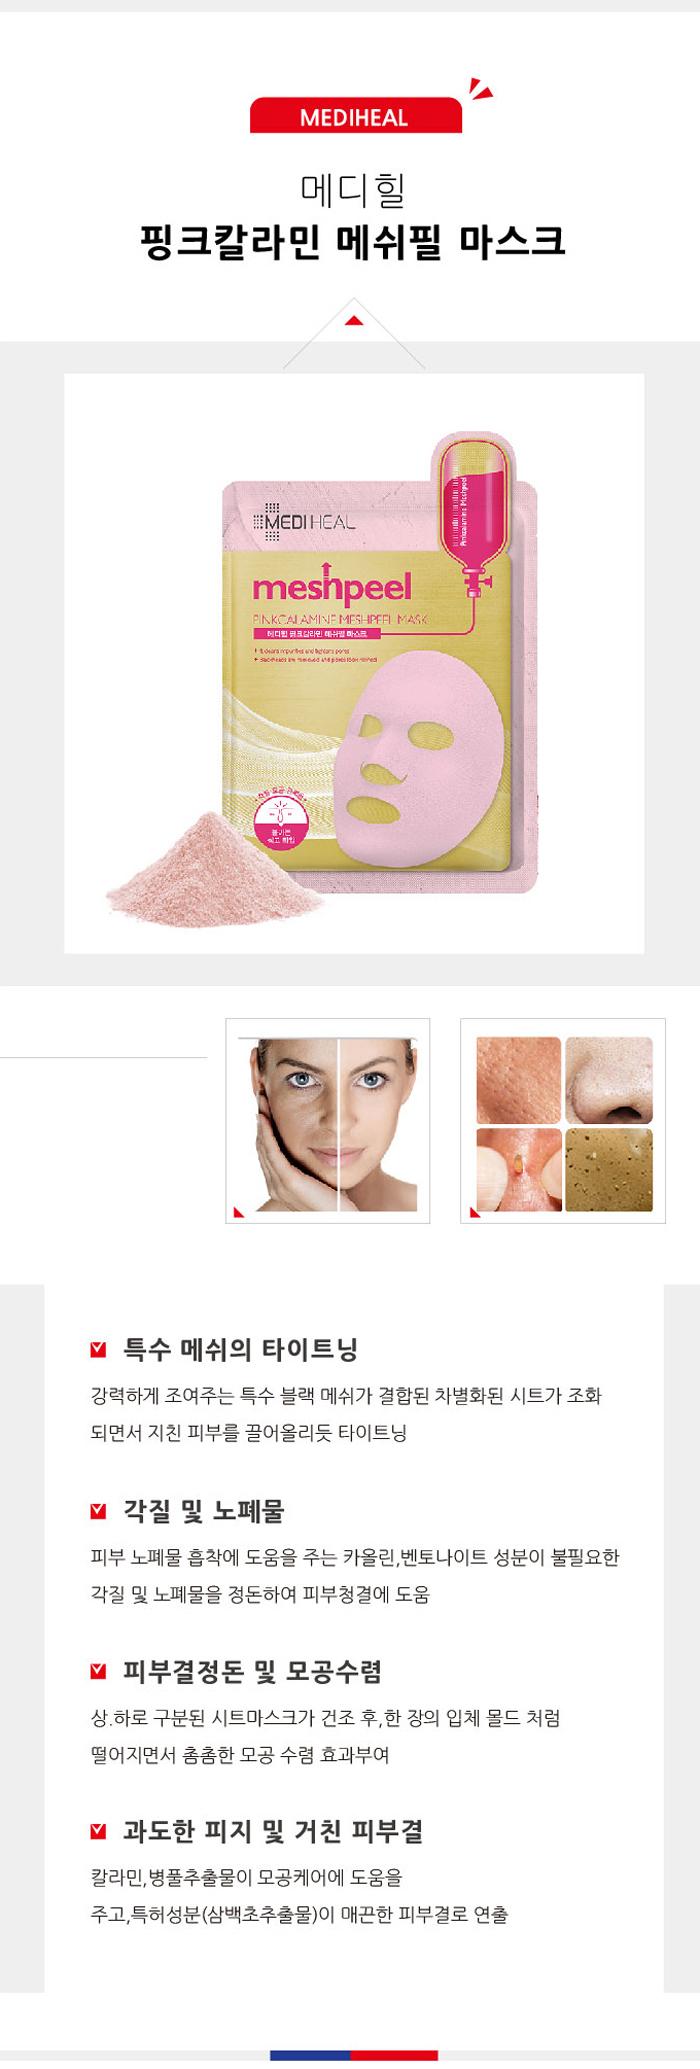 pinkcalamine_meshpeel.jpg